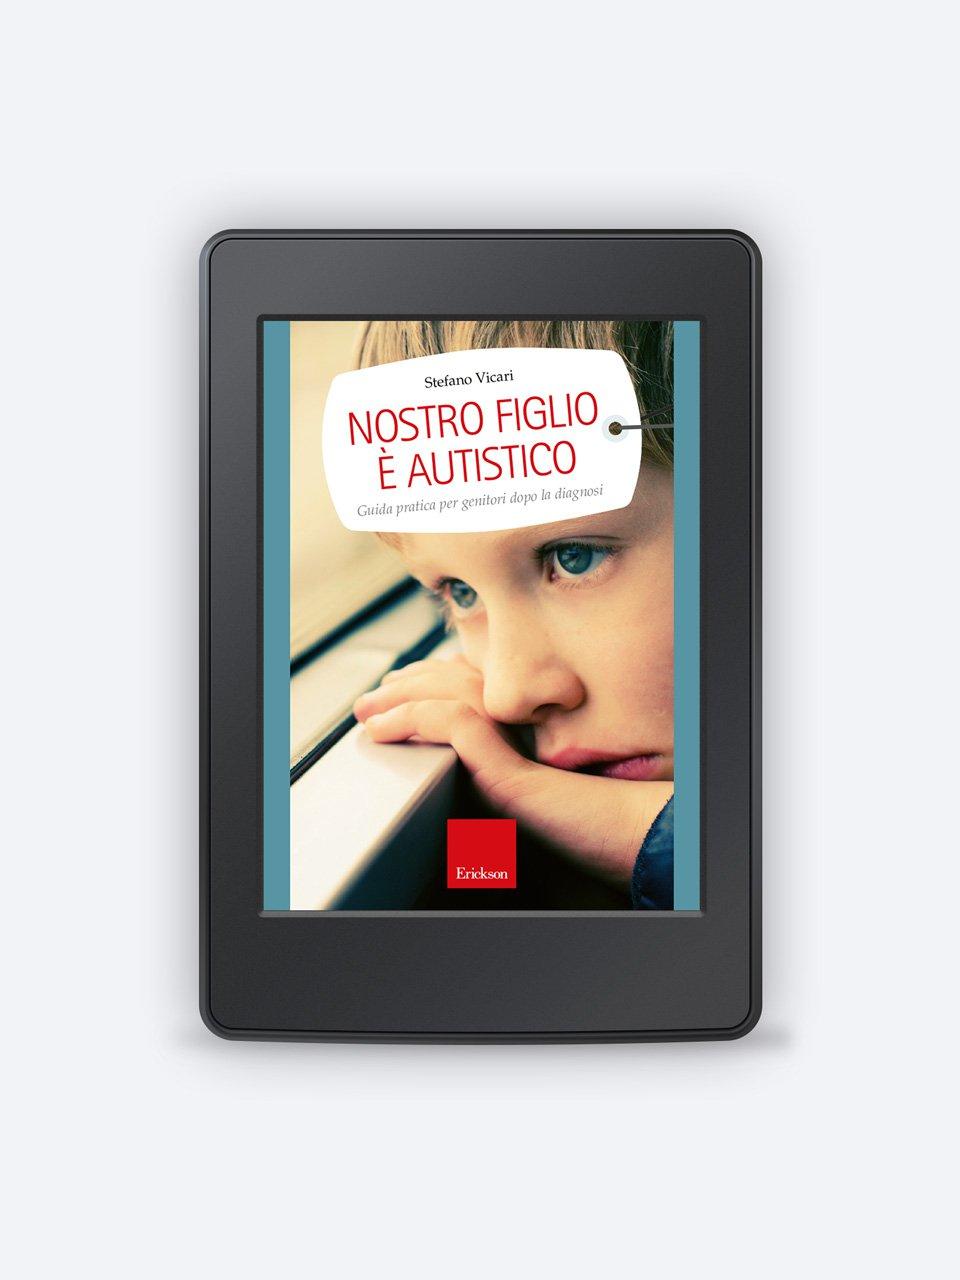 Nostro figlio è autistico - Libri - Erickson 3